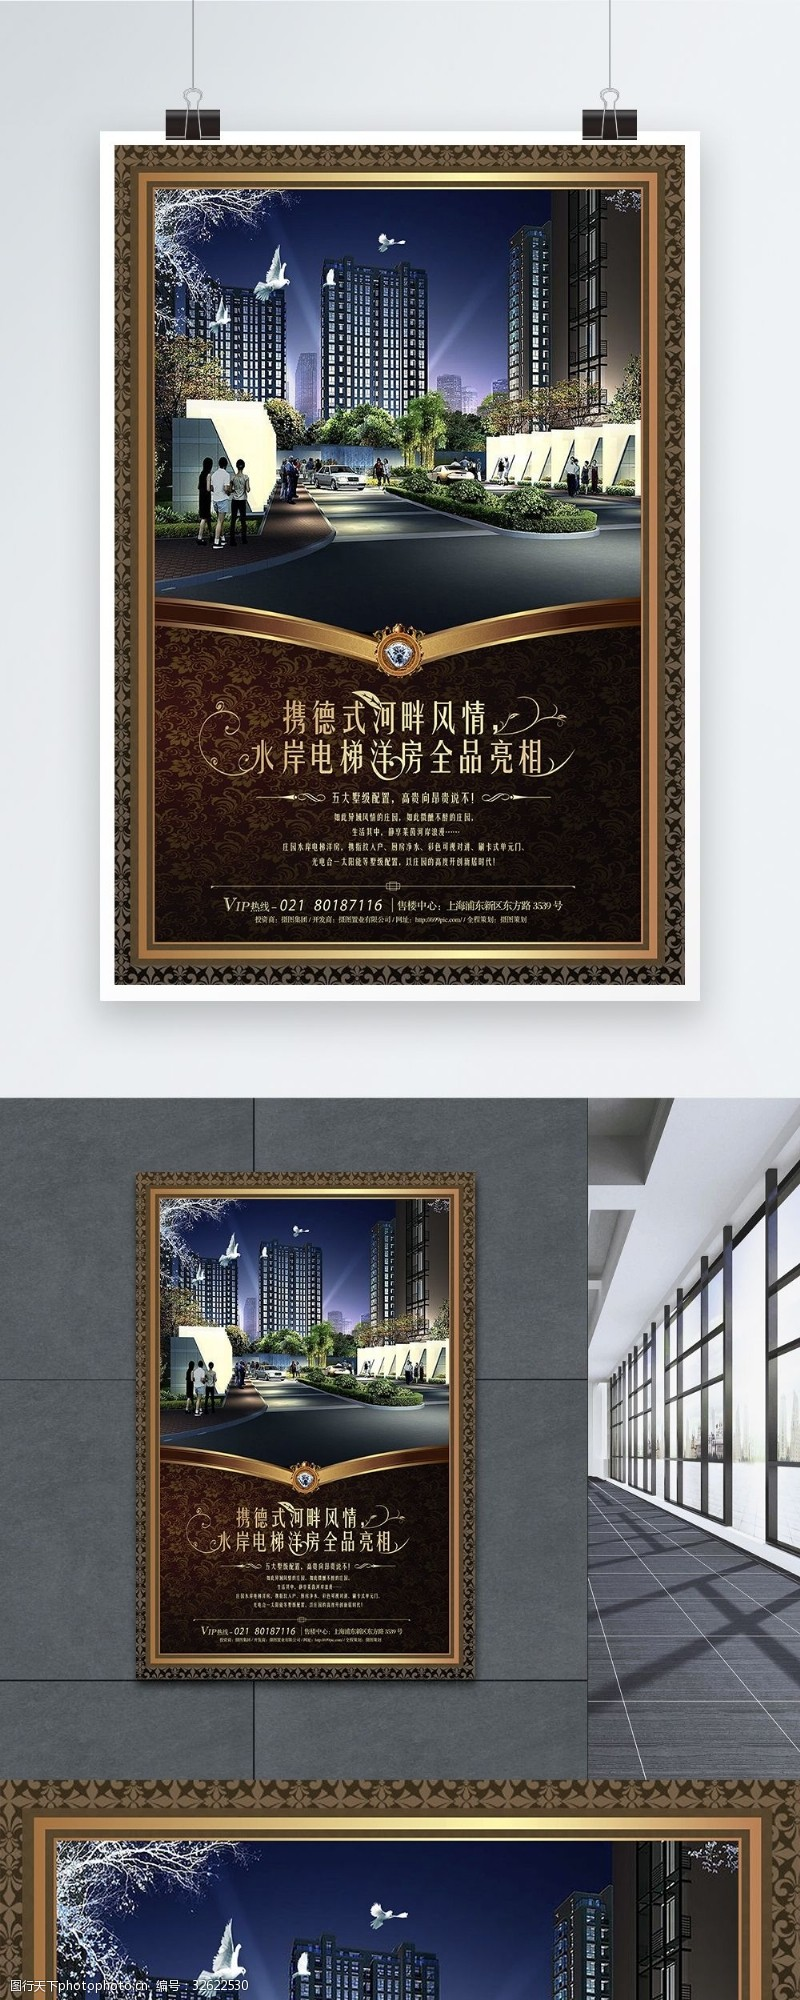 房地產海報設計簡筆畫